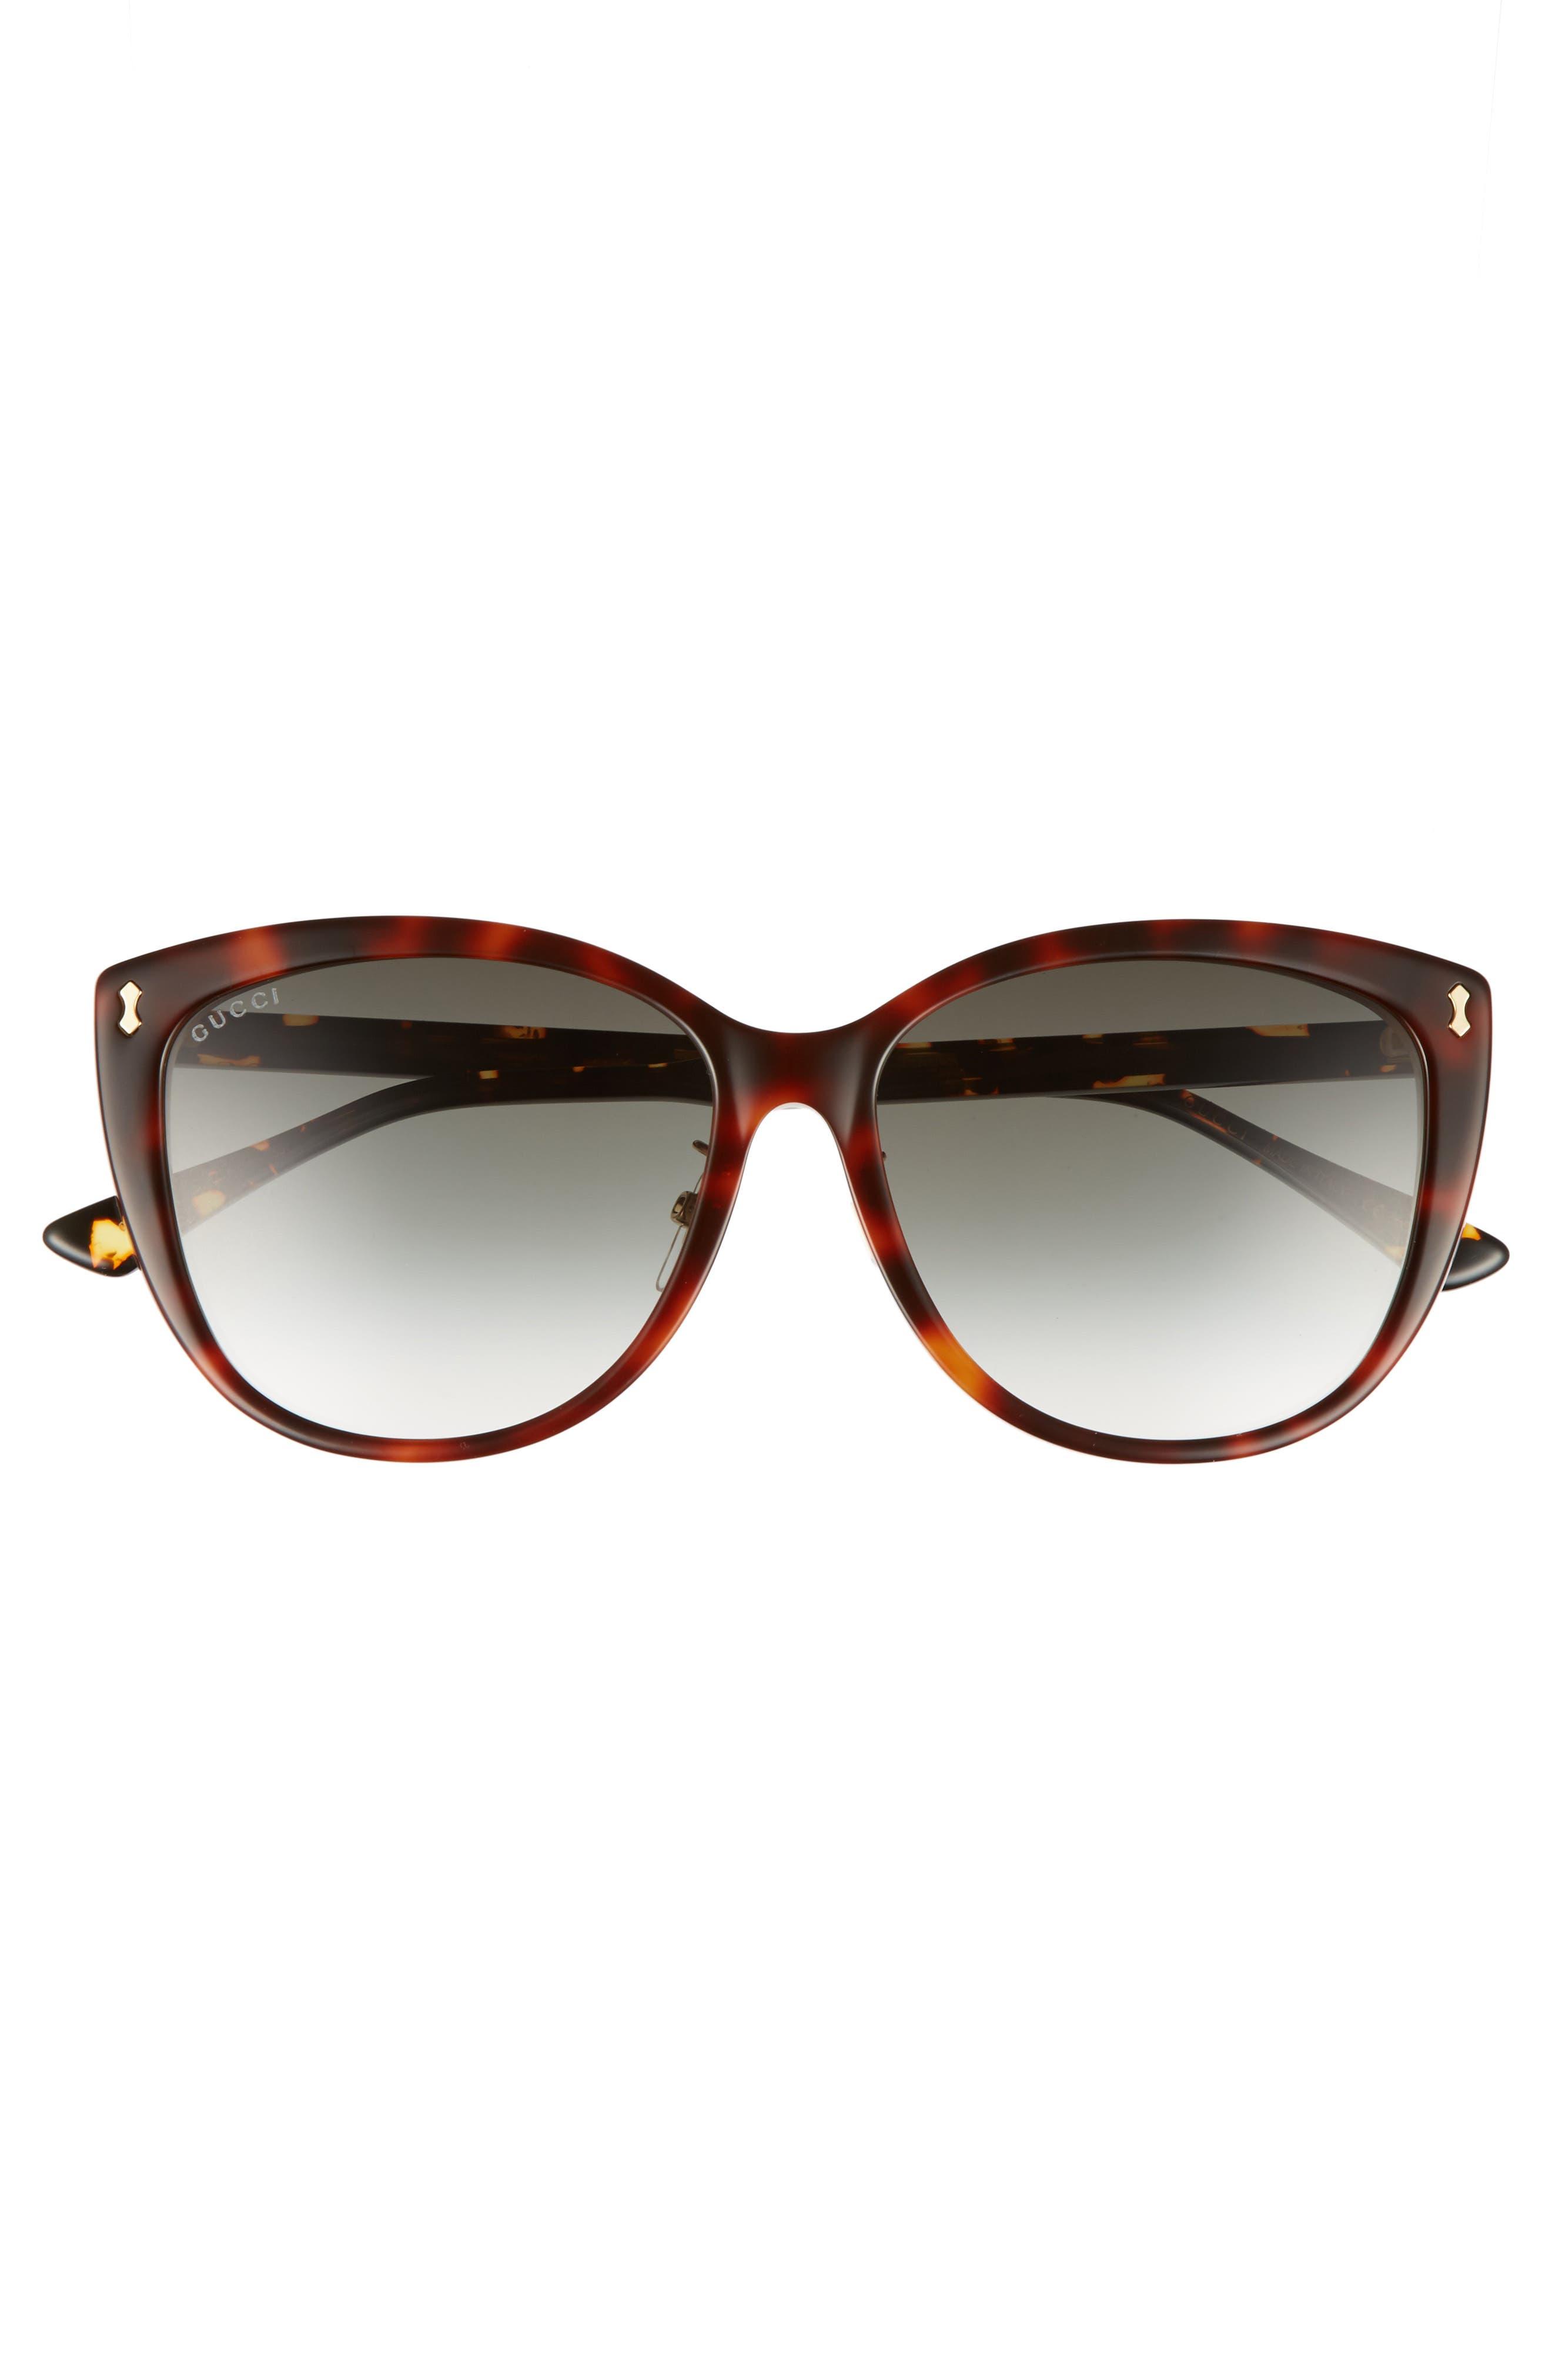 58mm Cat Eye Sunglasses,                             Alternate thumbnail 3, color,                             HAVANA